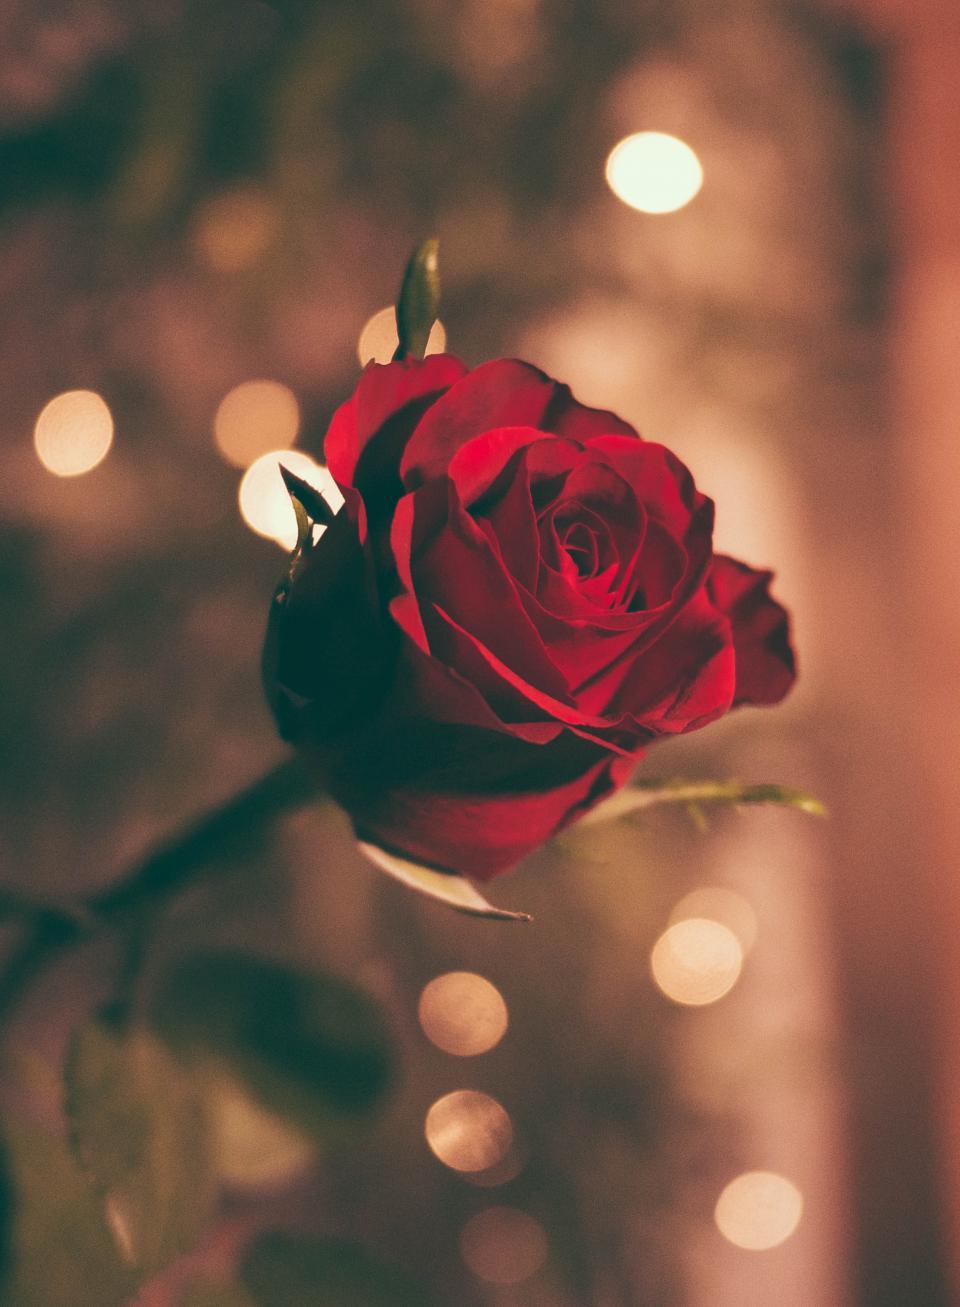 flower, red, petal, bloom, garden, plant, nature, autumn, fall, bokeh, romance